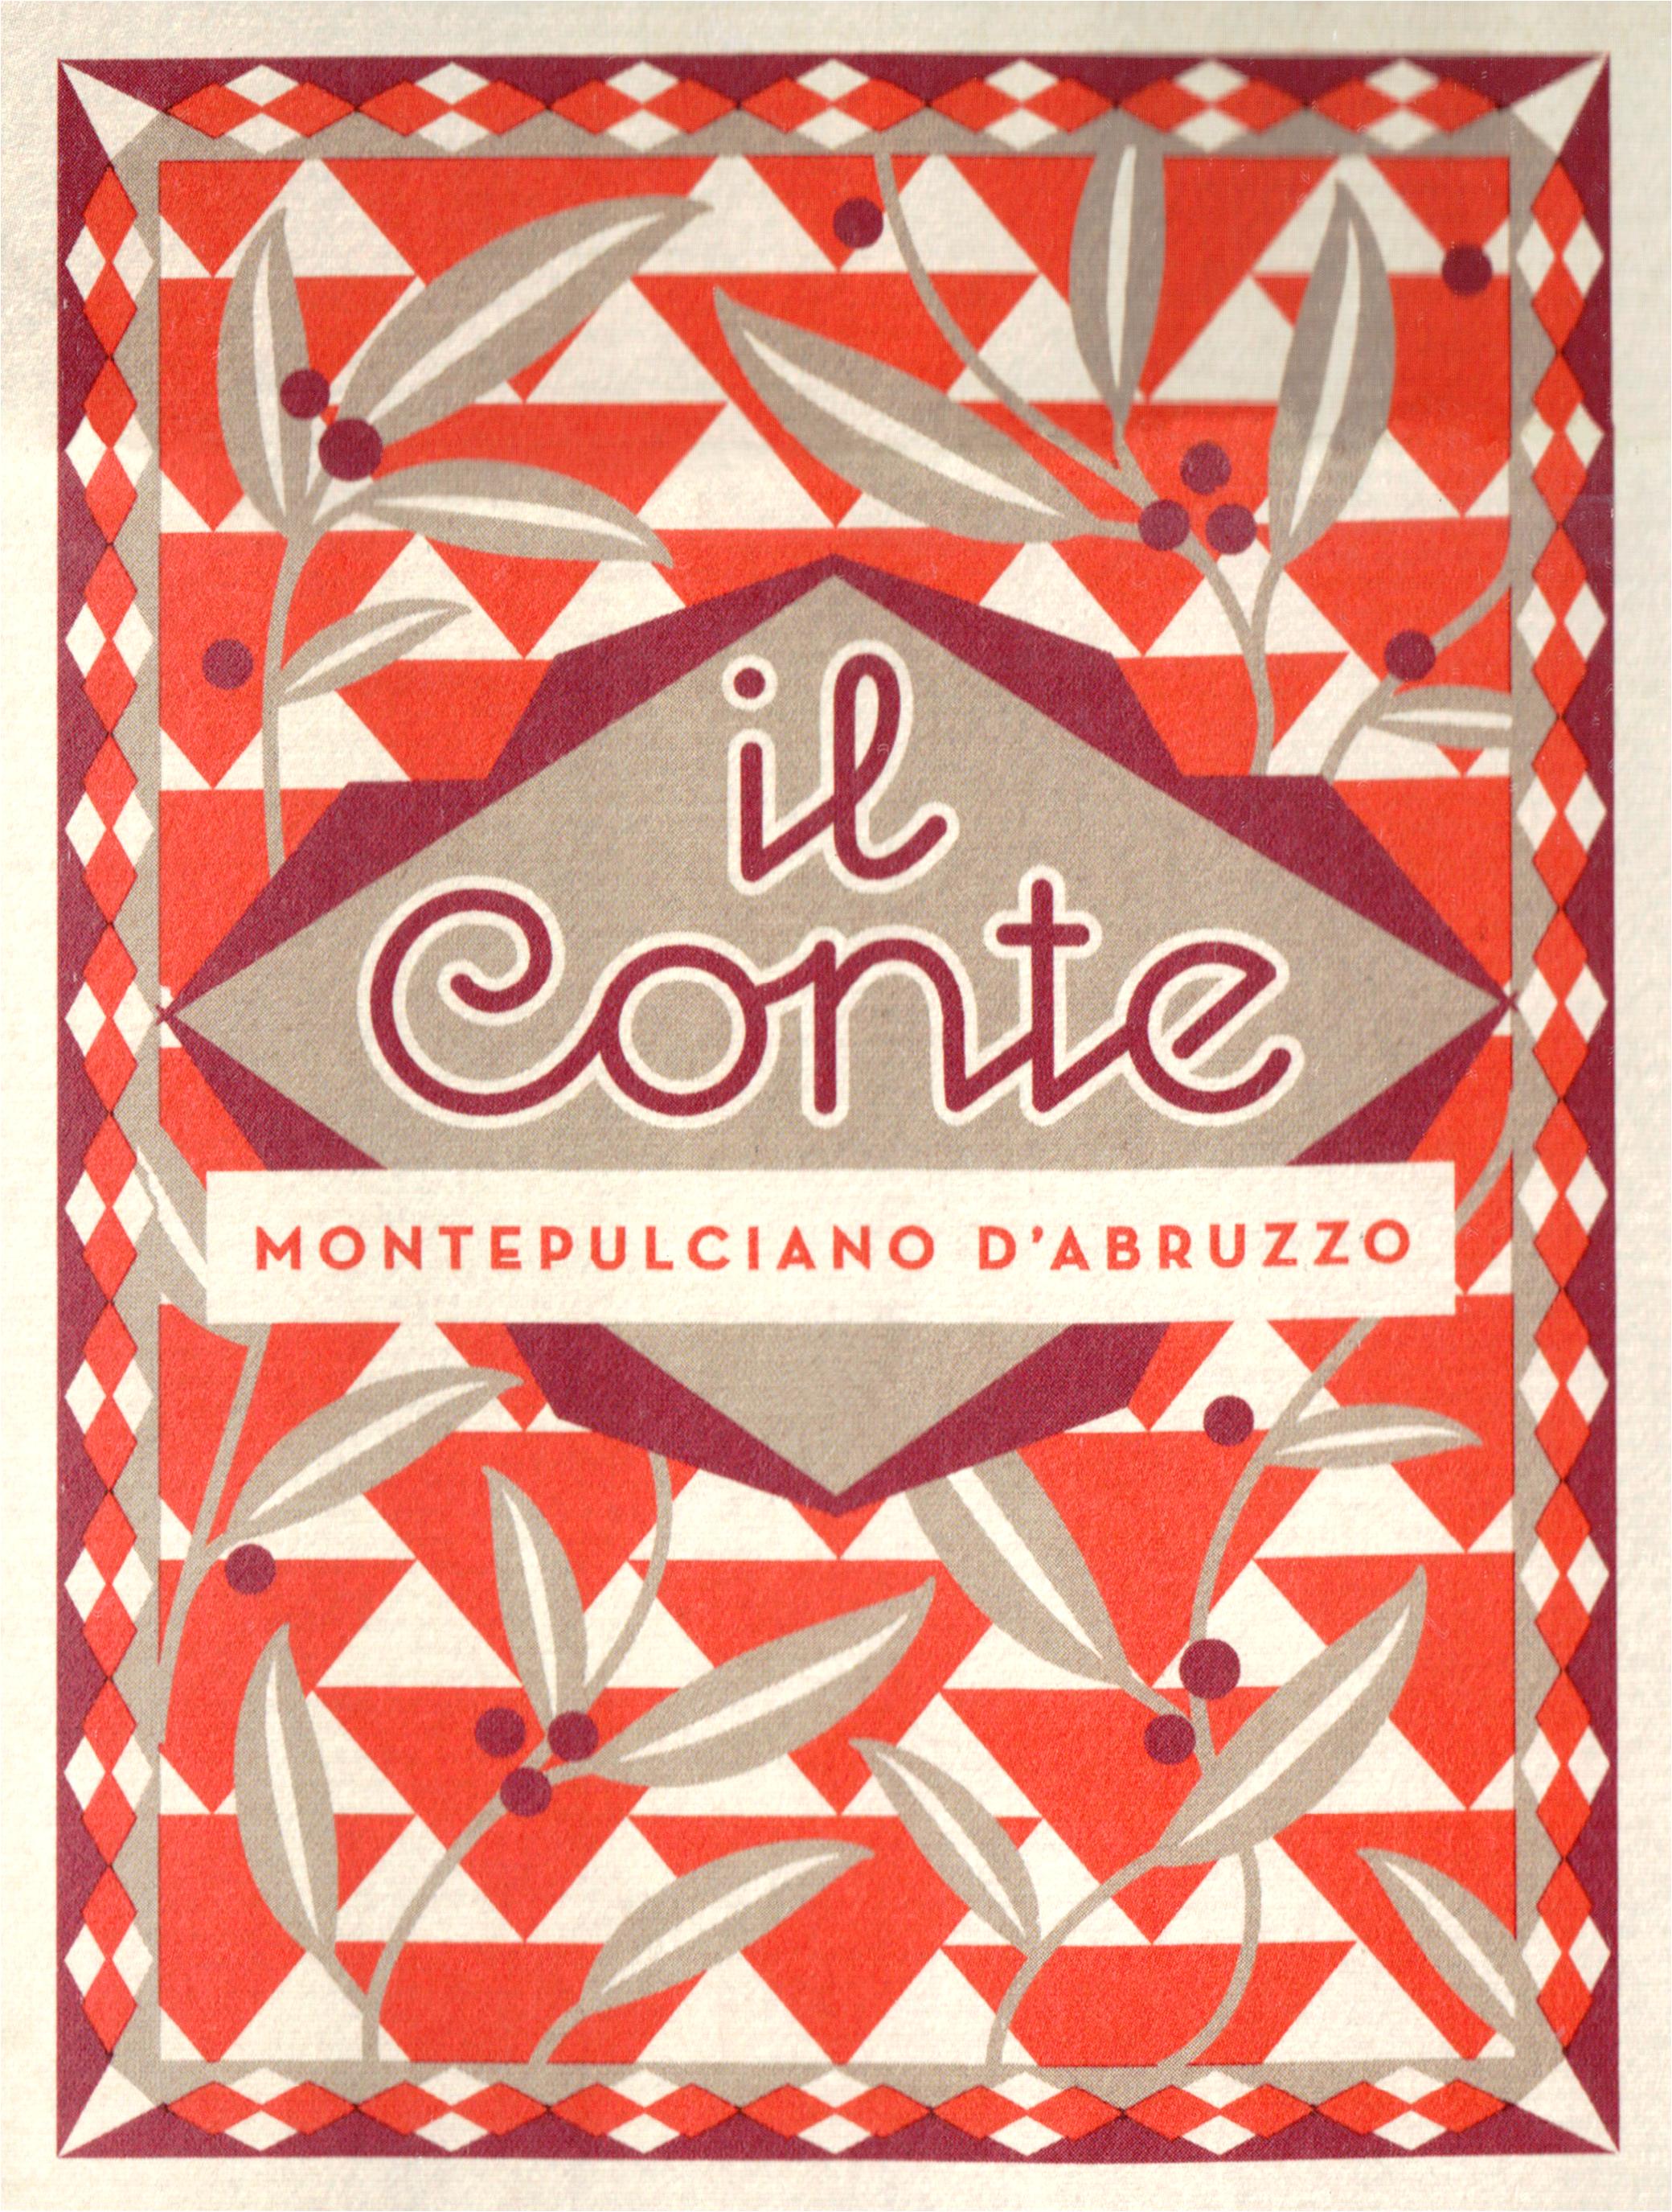 Il Conte Montepulciano D